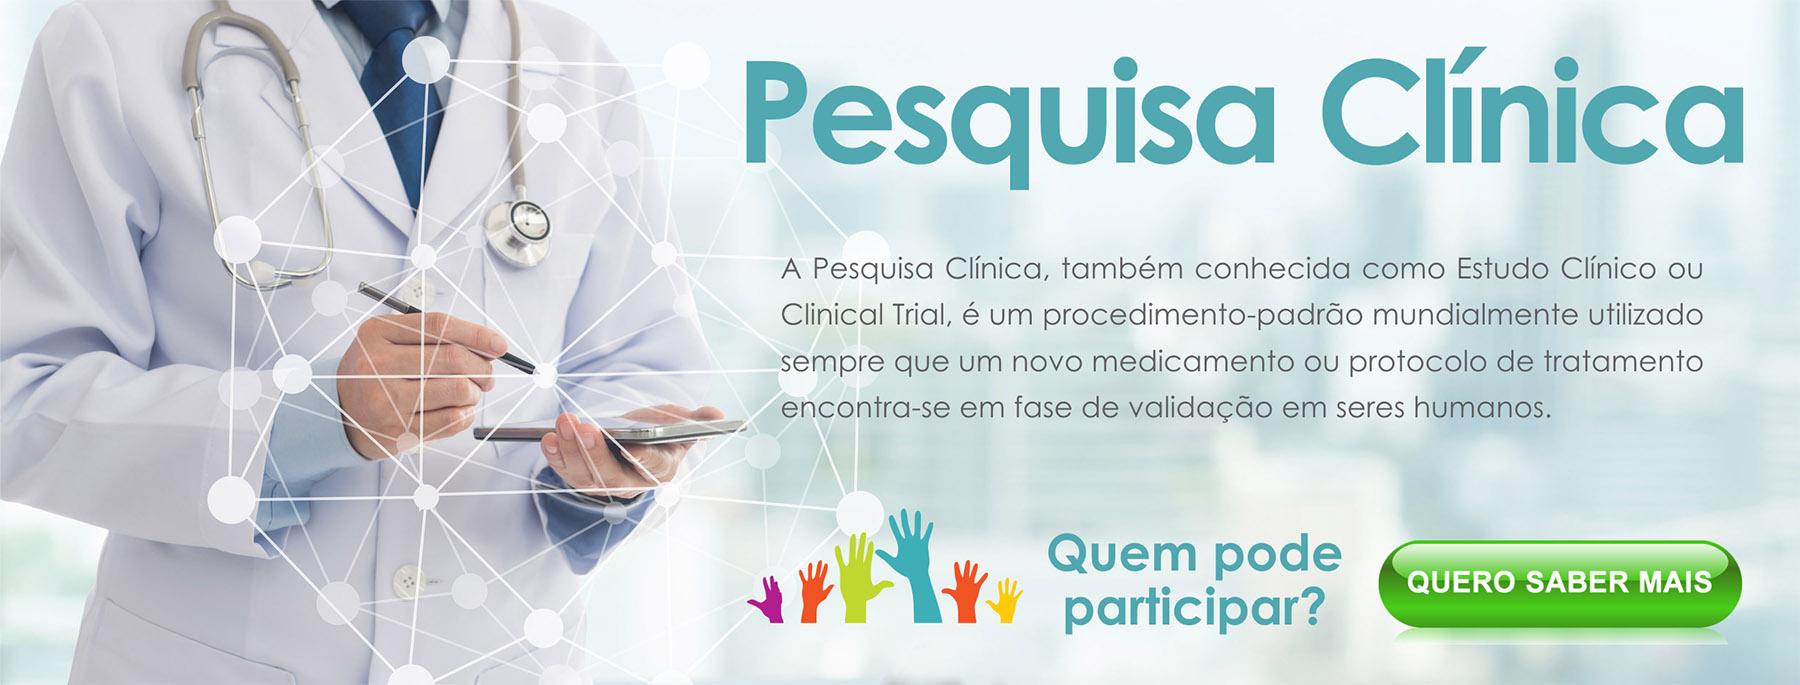 pesquisa_clinica